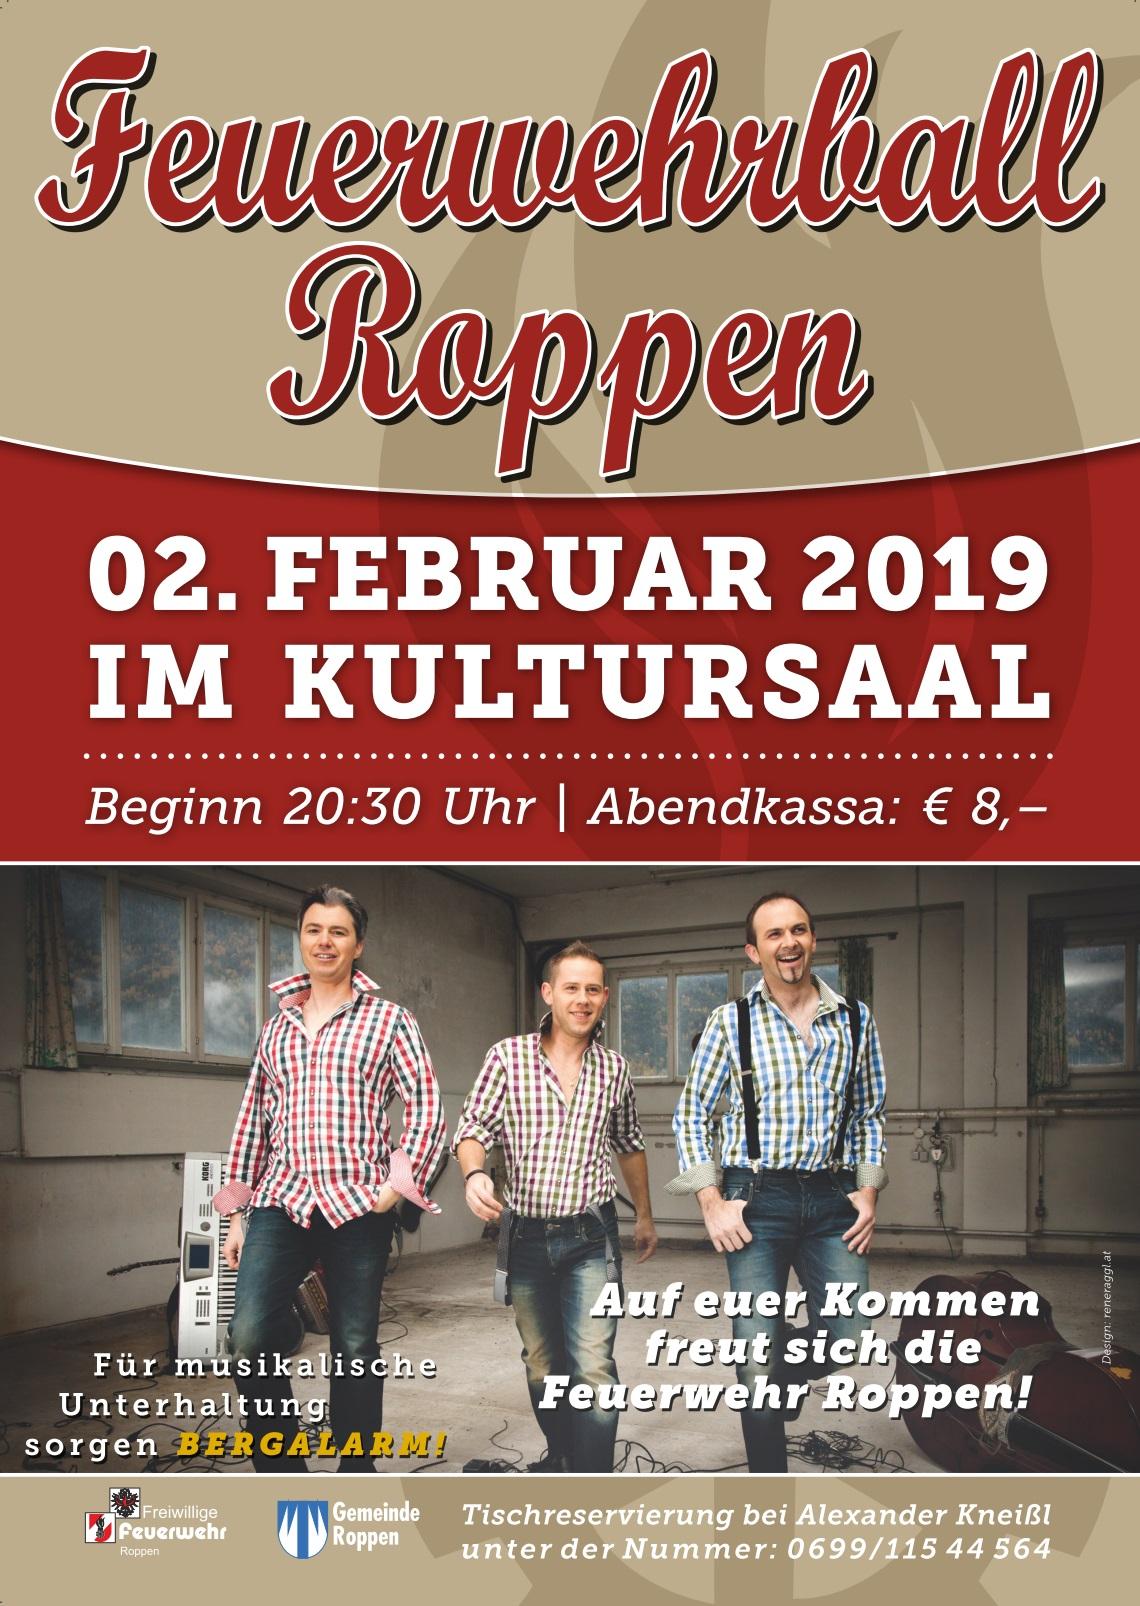 Feuerwehrball_Roppen_2019_Plakat